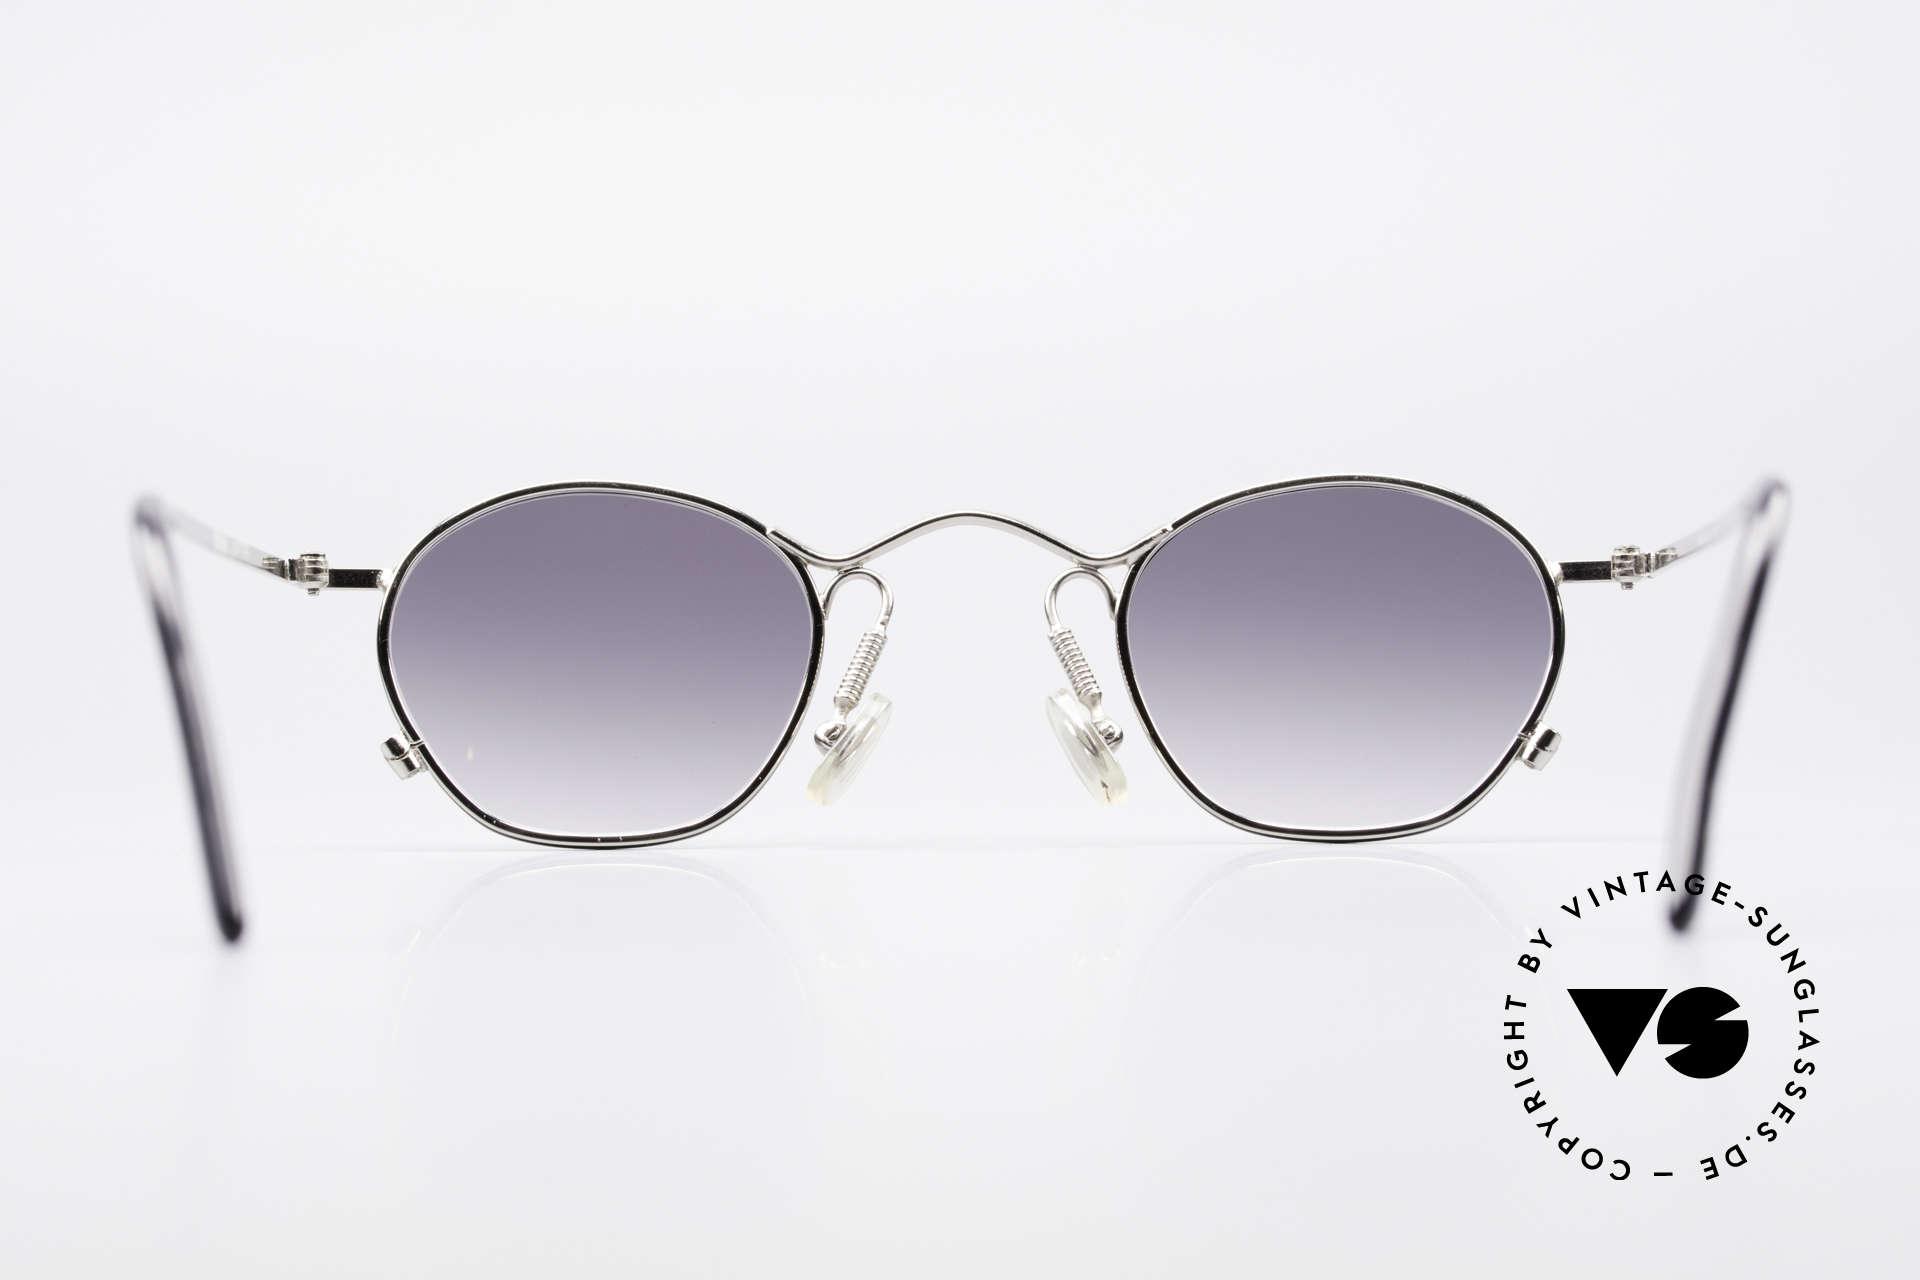 IDC 101 Echt Vintage No Retro Brille, Größe: small, Passend für Herren und Damen